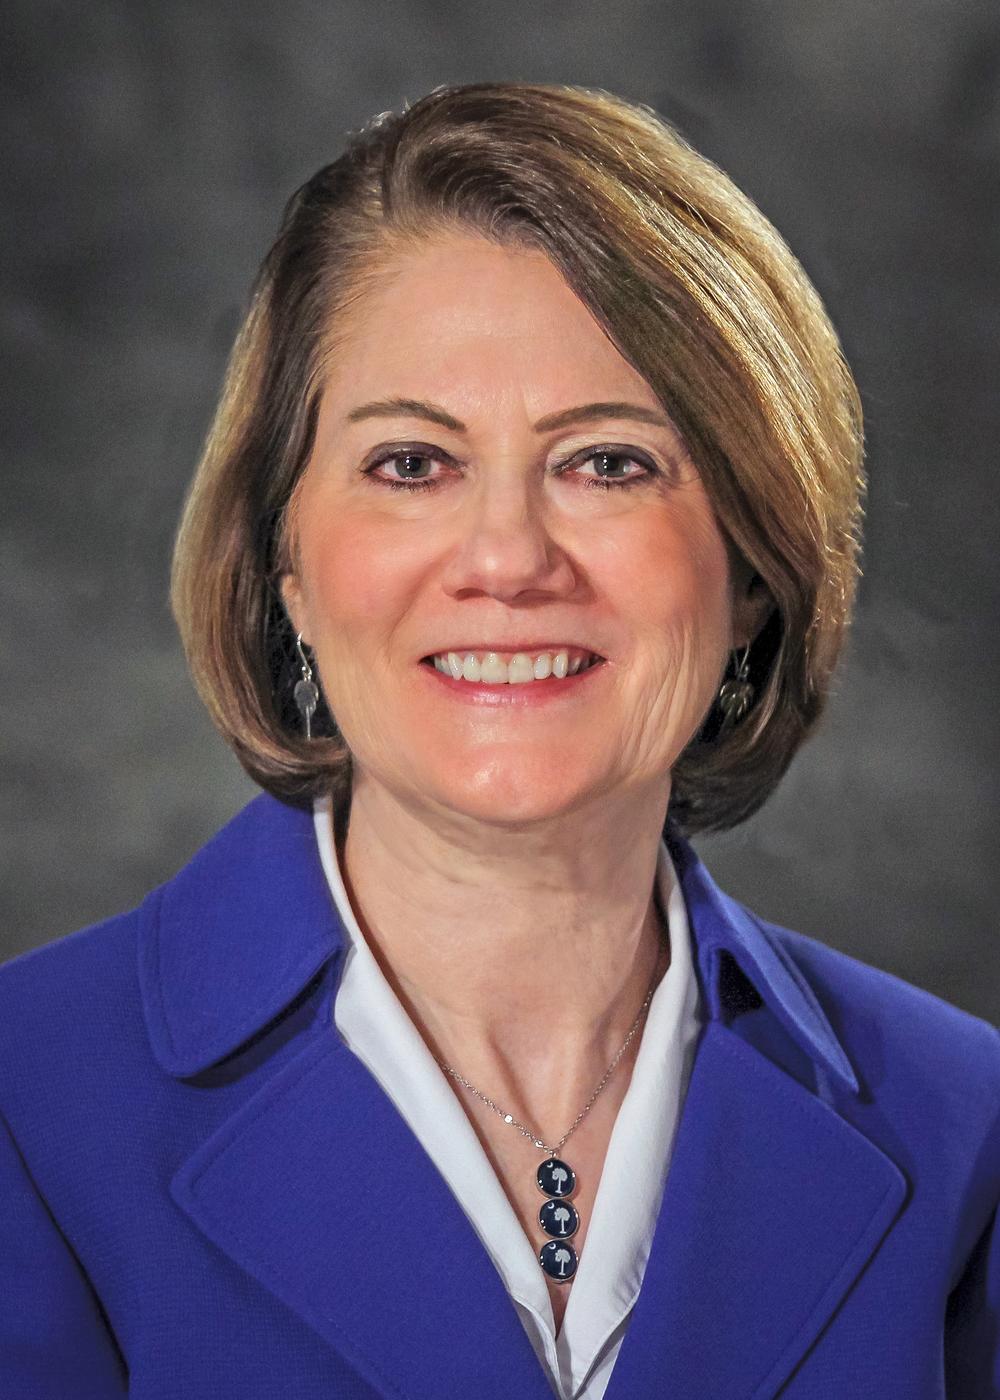 Barbara G. Hollis